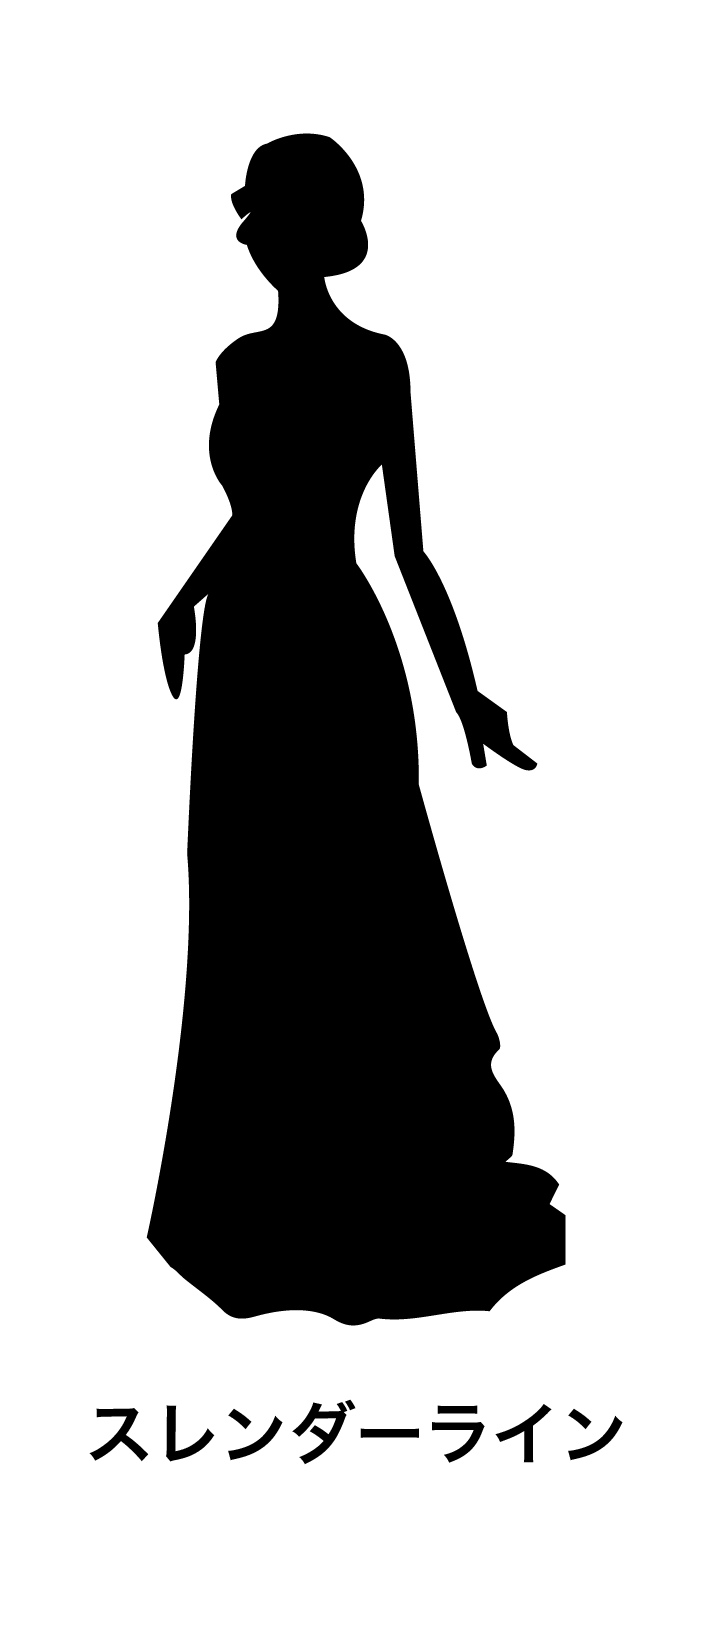 ドレス ベルライン イラスト